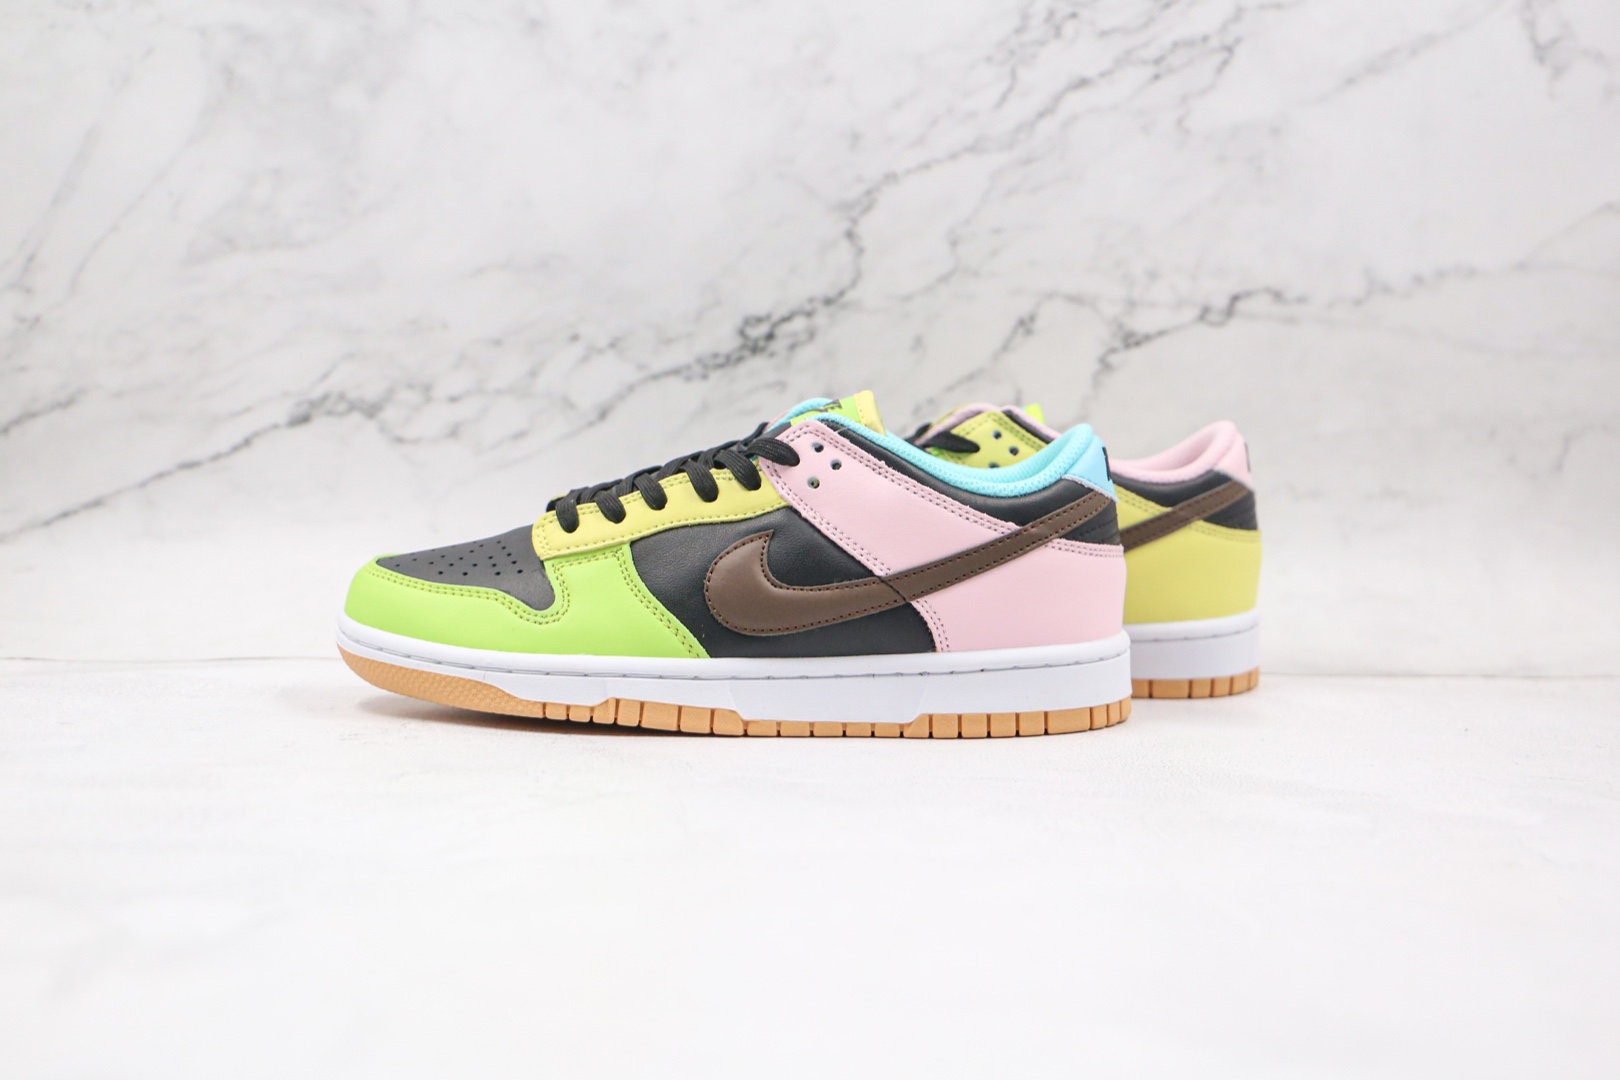 耐克Nike SB Dunk Low Free 99纯原版本低帮SB DUNK绿黑粉棕蓝黄彩色拼接鸳鸯板鞋内置后跟Zoom气垫 货号:DH0925-001